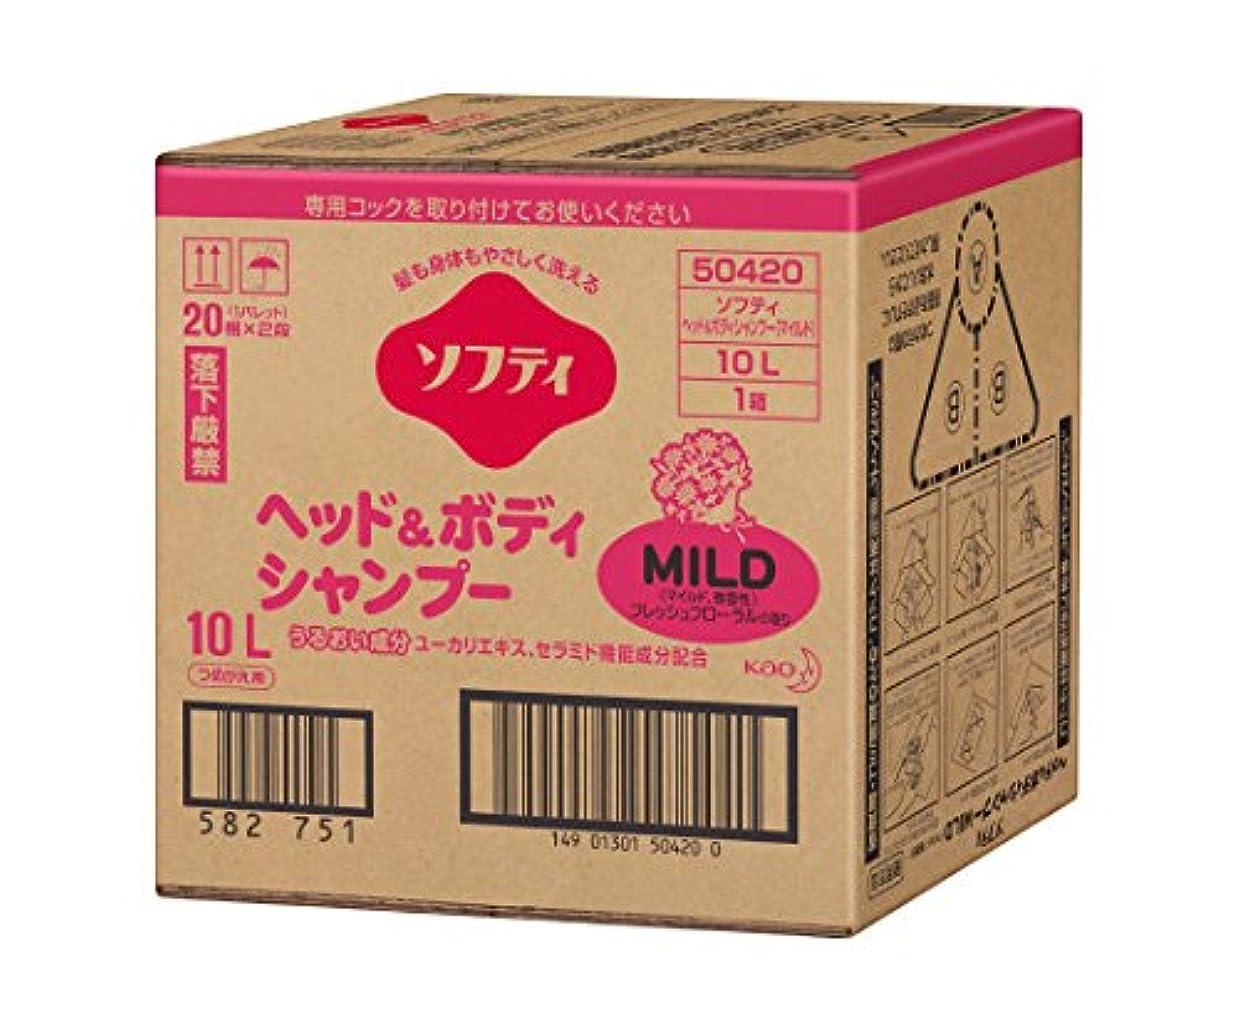 境界できない神聖花王61-8509-99ソフティヘッド&ボディシャンプーMILD(マイルド)10Lバッグインボックスタイプ介護用